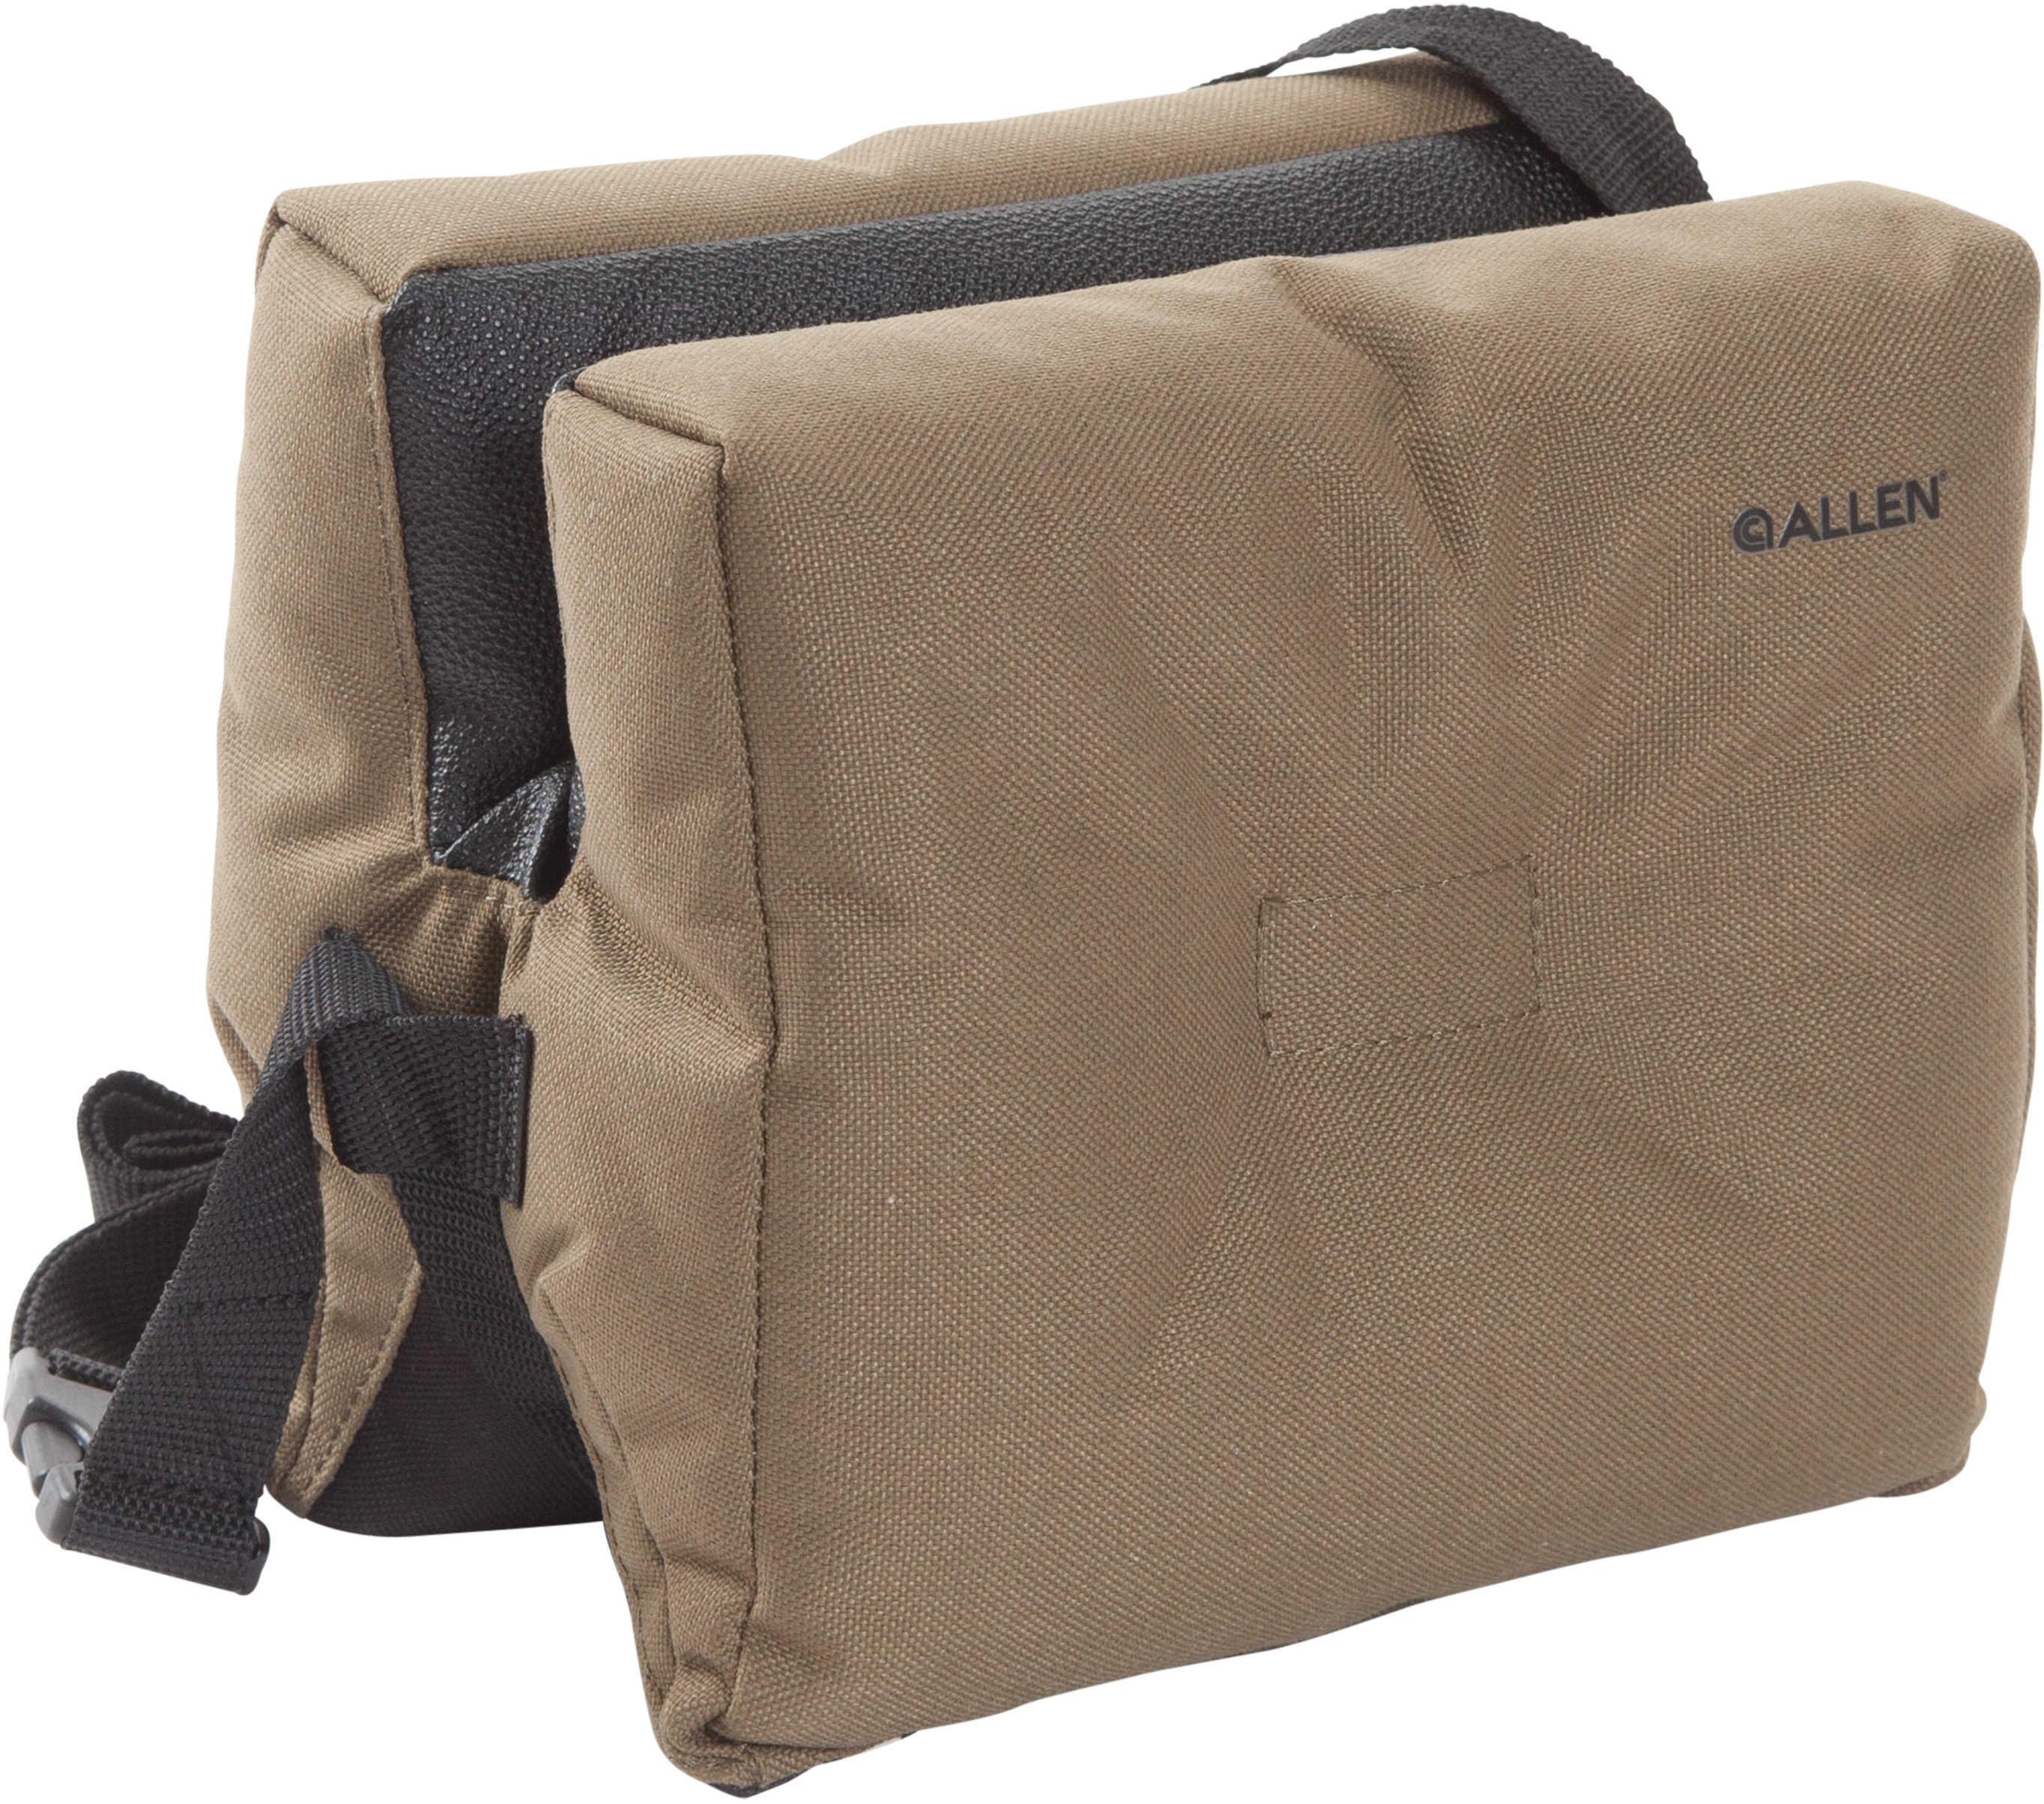 Allen Cases Filled Bench Bag Md: 1851